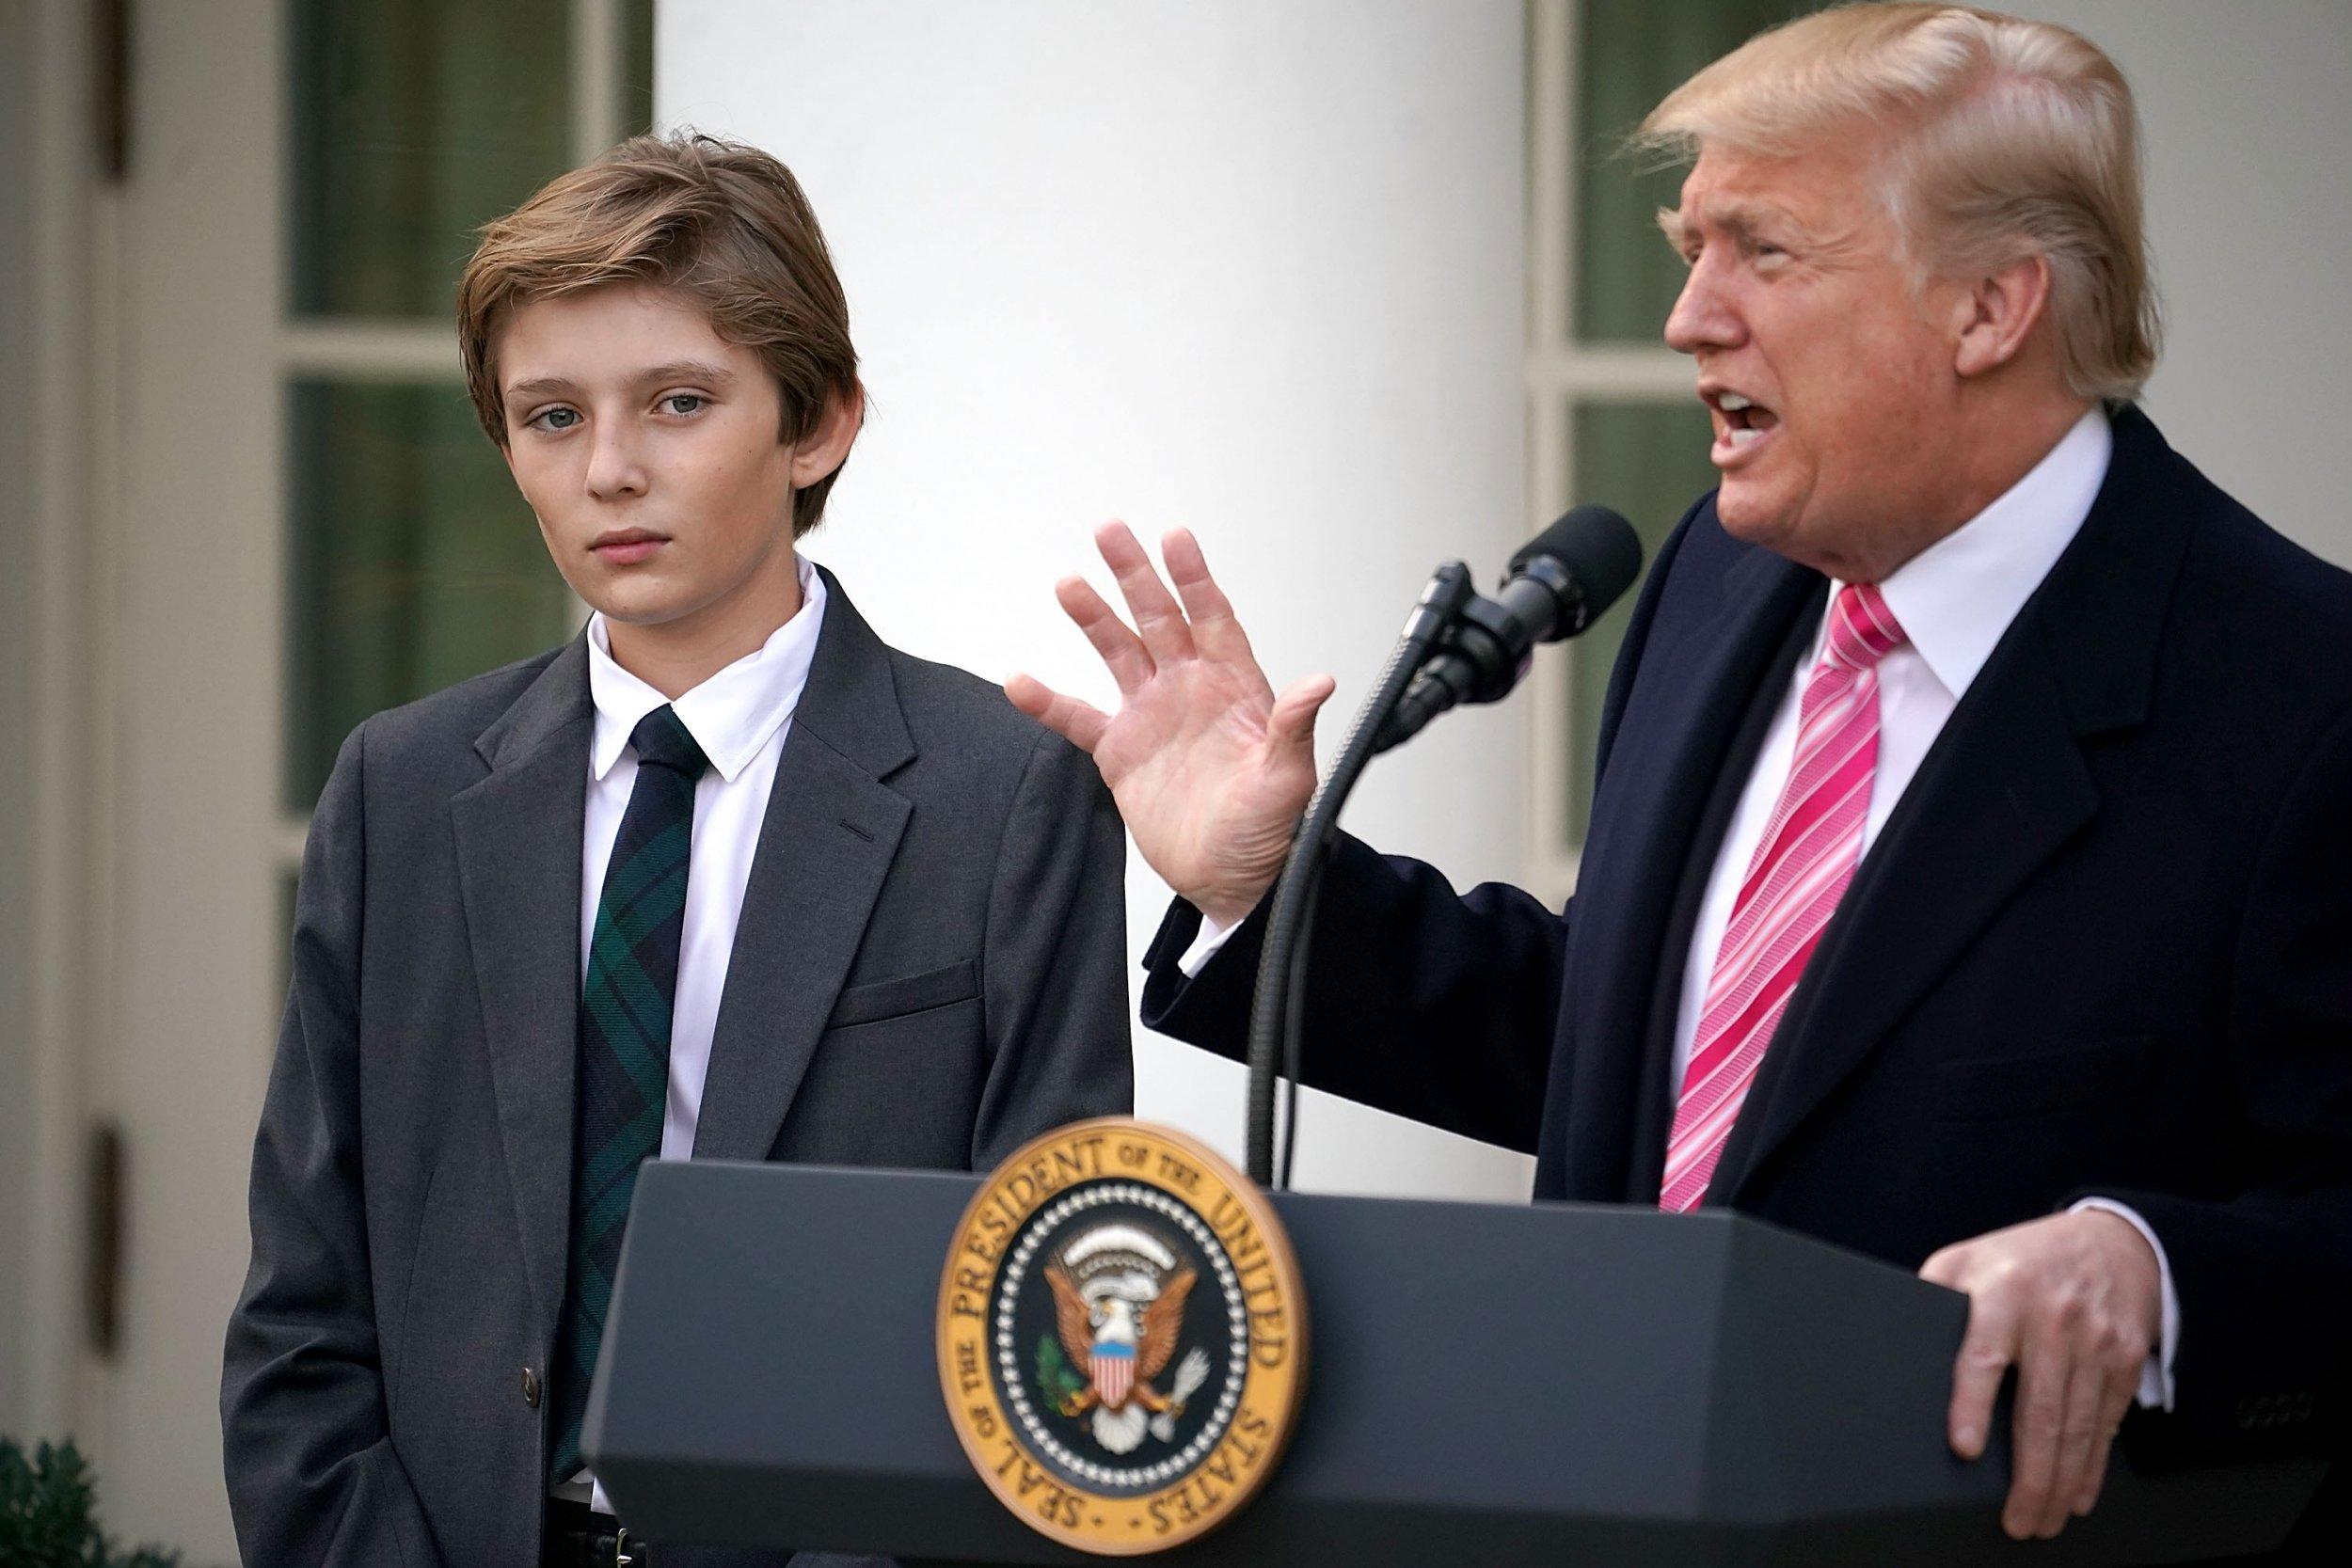 Barron Trump, Donald Trump